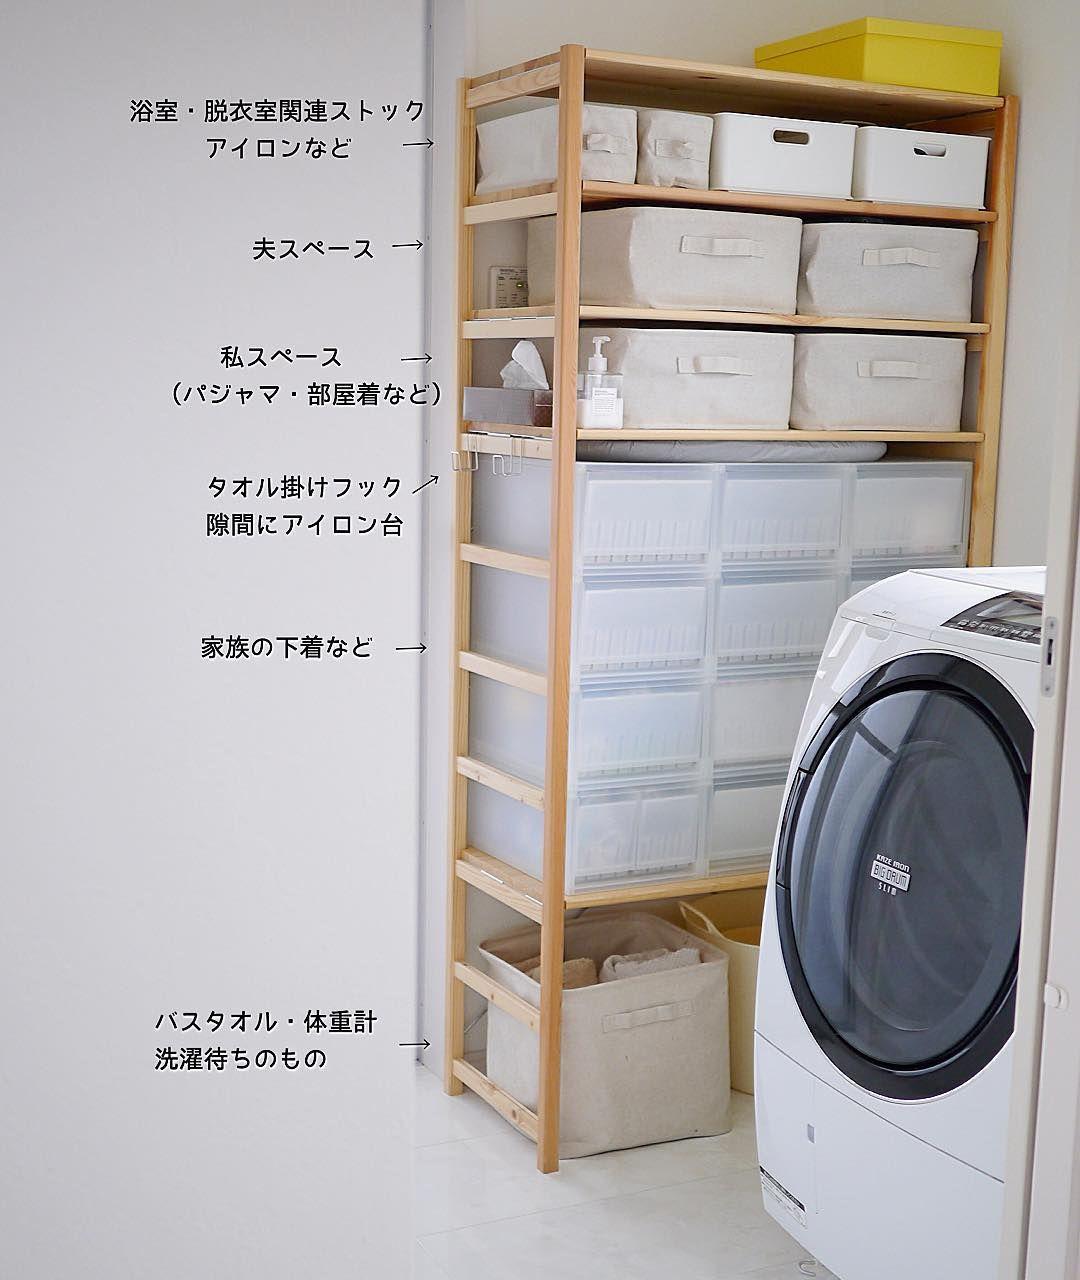 7f00167e098 脱衣所 お風呂に入る時に他の部屋に行かなくてもいいように。 洗濯を ...